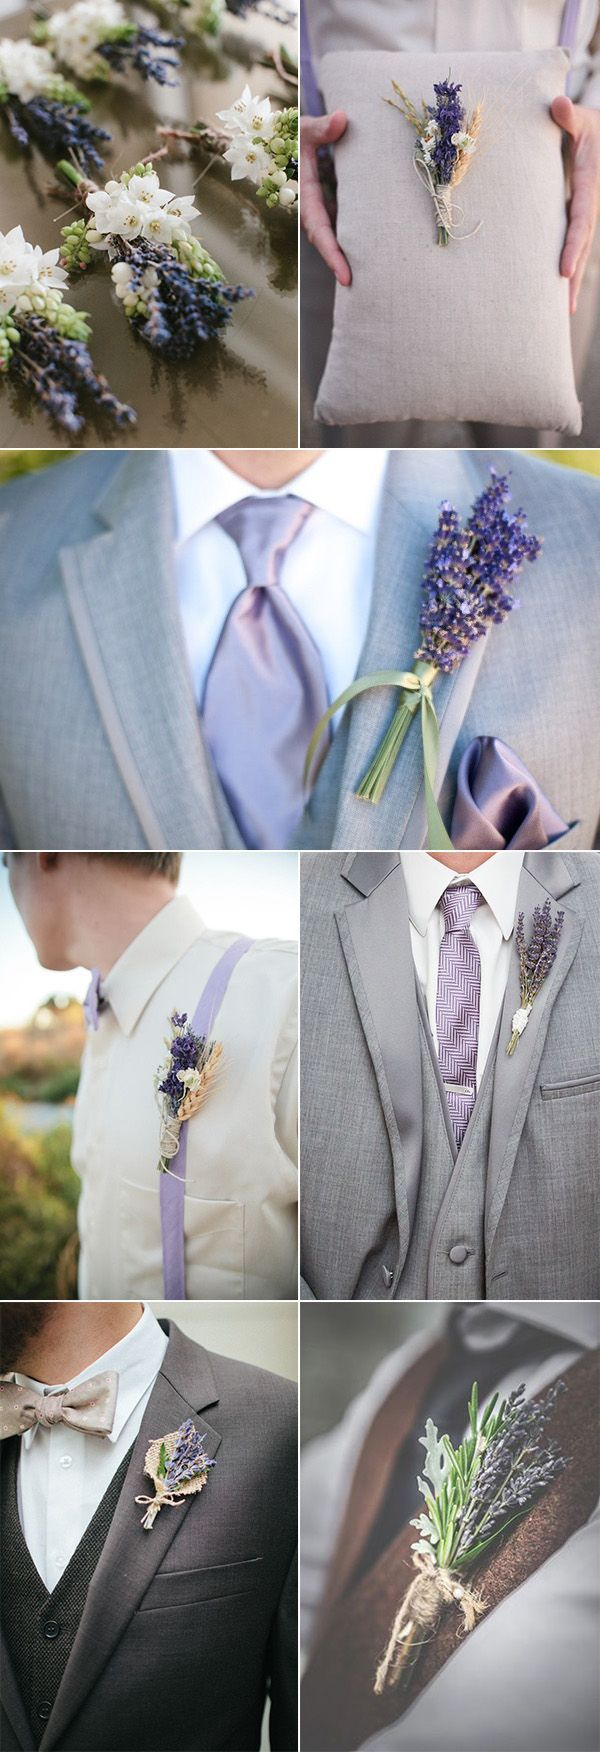 40 ideas para decorar con flores de lavanda una boda. #DecoracionBodas